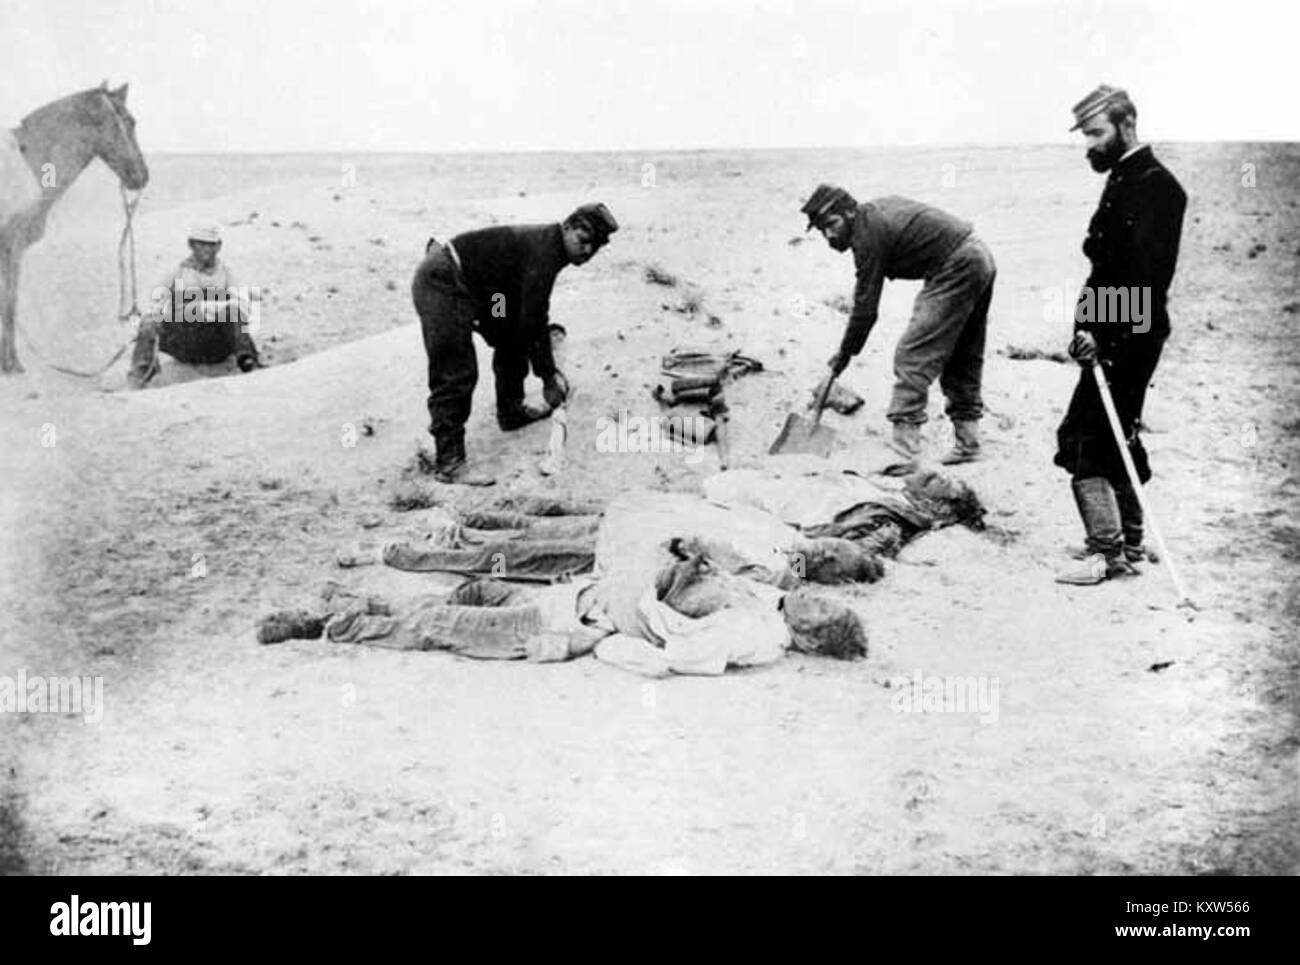 Fotografía de hombres muertos en el campo de La Alianza durante la Guerra del Pacífico, en 1879. - Stock Image